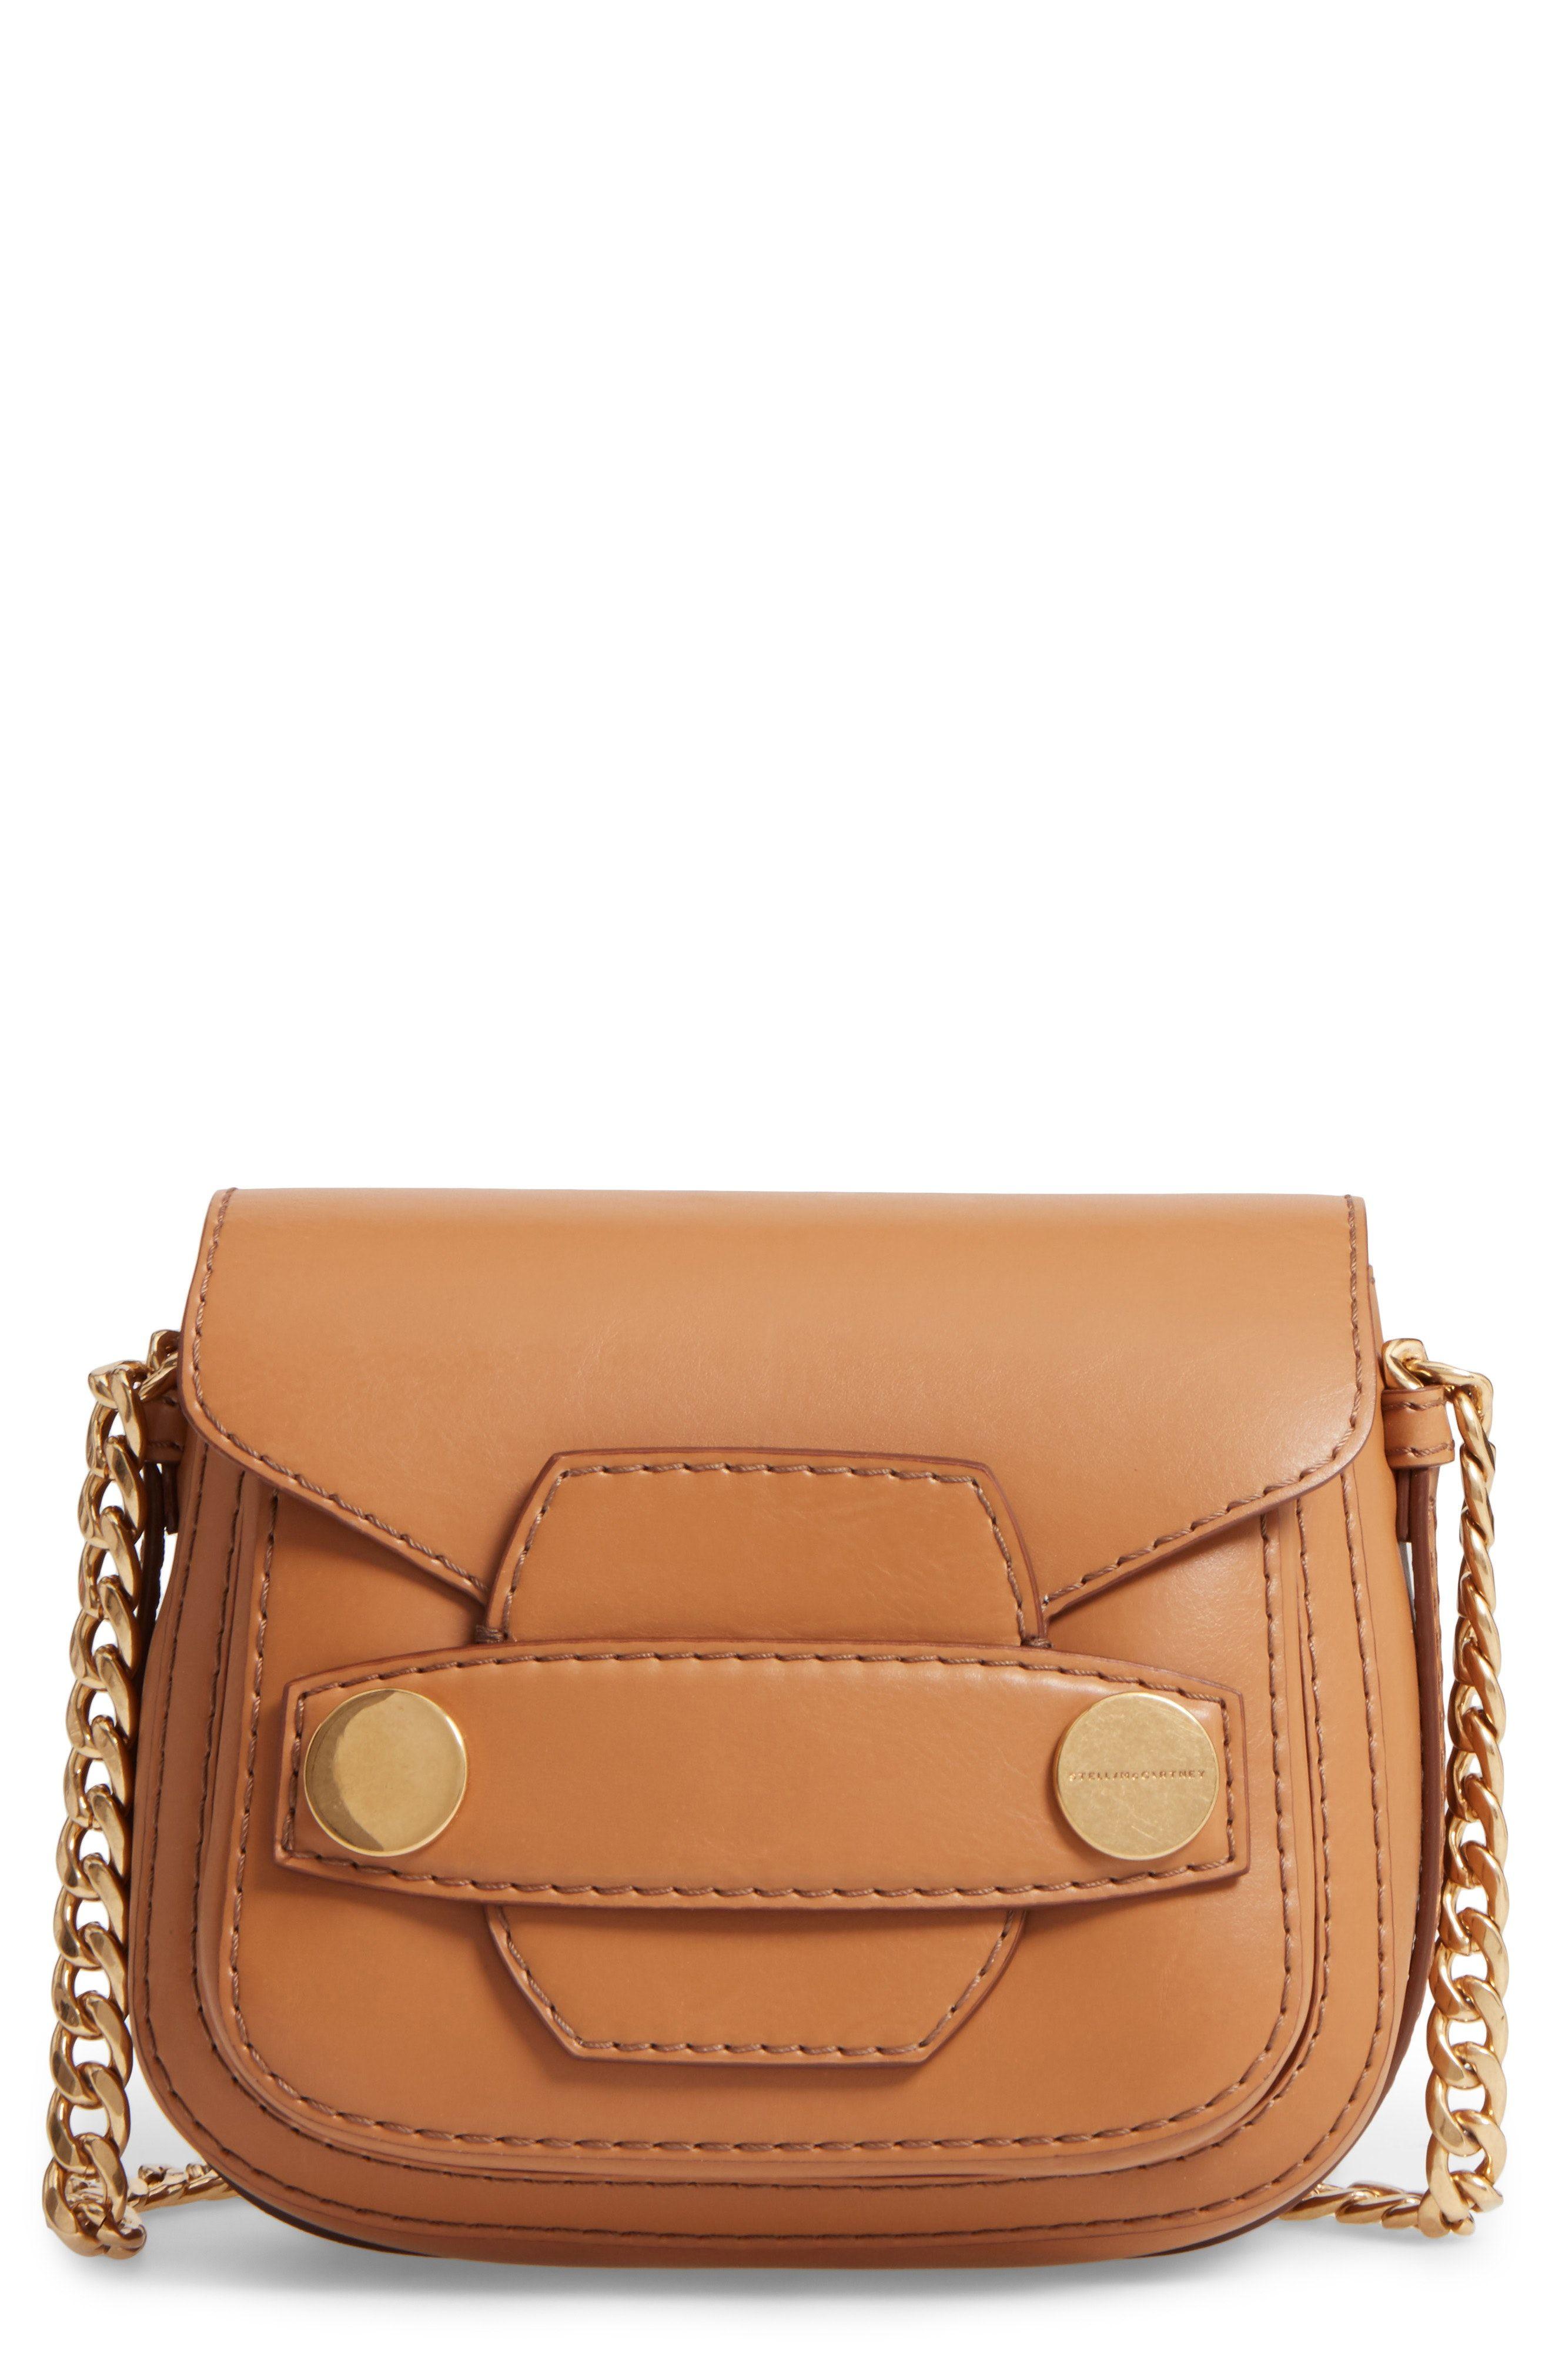 03bdbac63201 New Stella McCartney Textured Faux Leather Crossbody Bag fashion online.    895